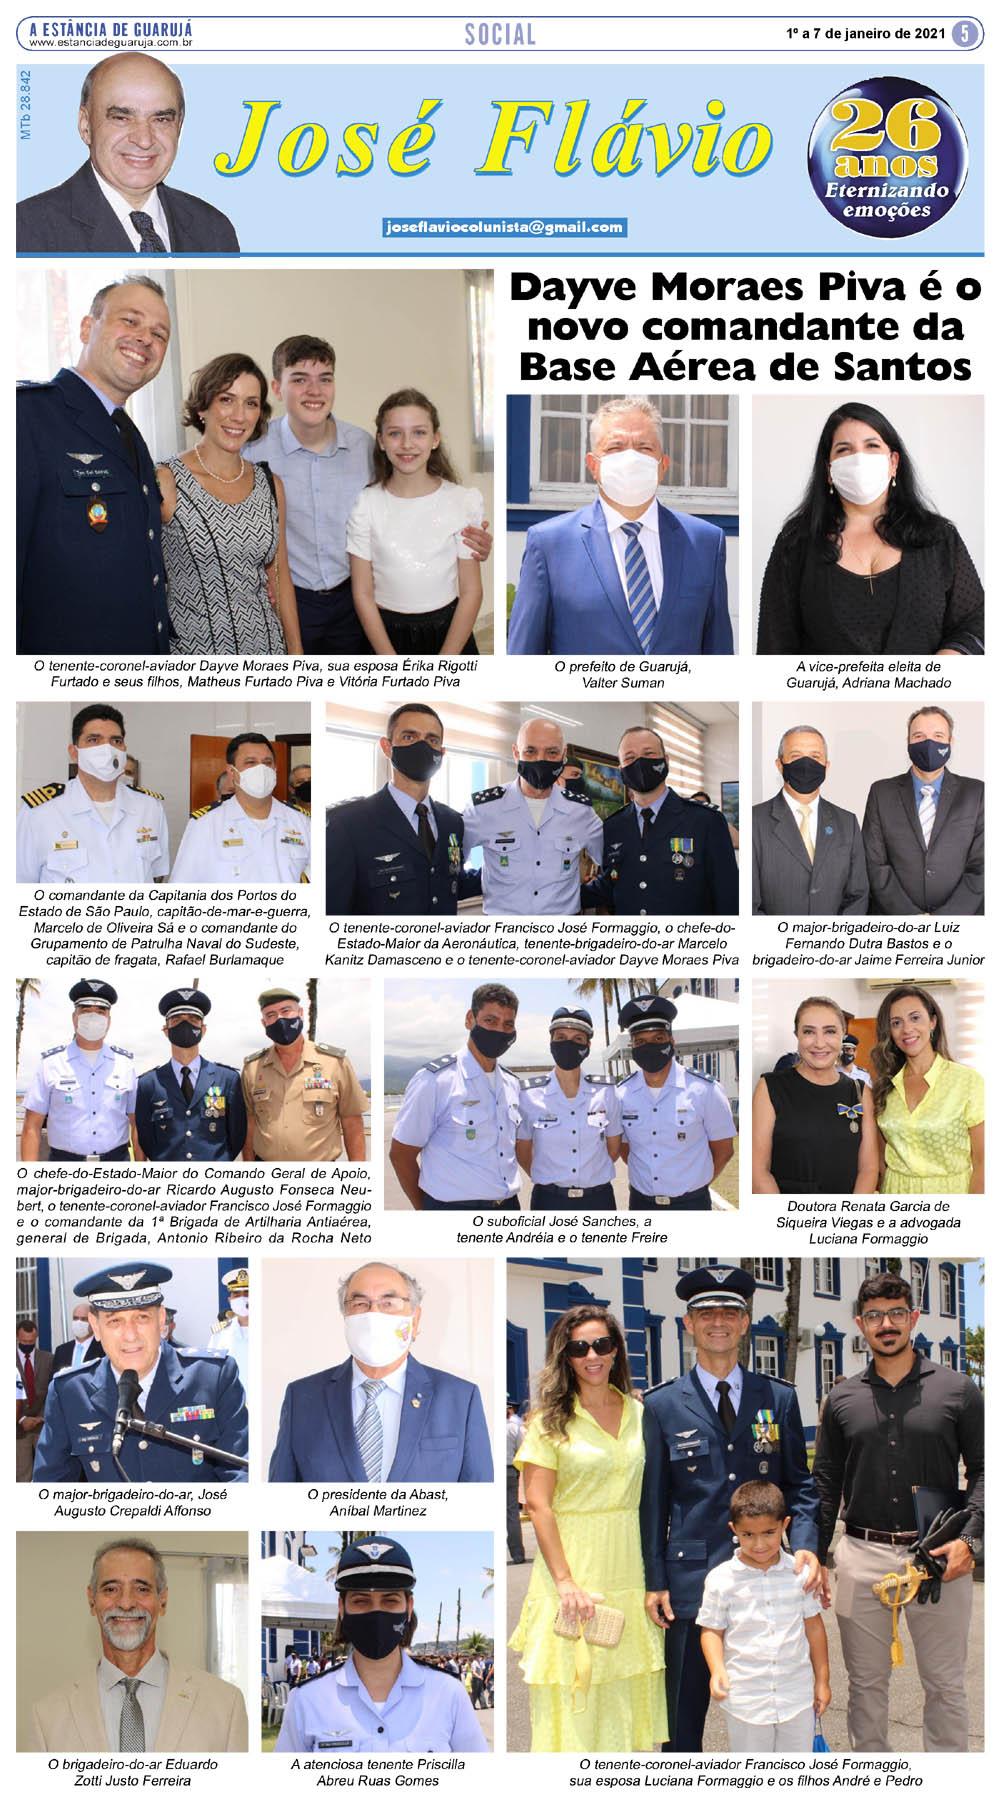 Dayve Moraes Piva é o novo comandante da Base Aérea